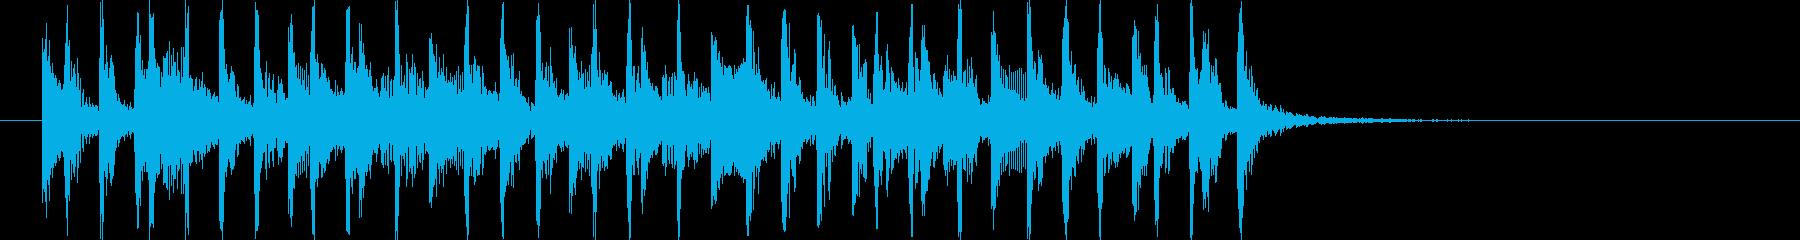 ミディアムテンポの懐かしいポップスの再生済みの波形